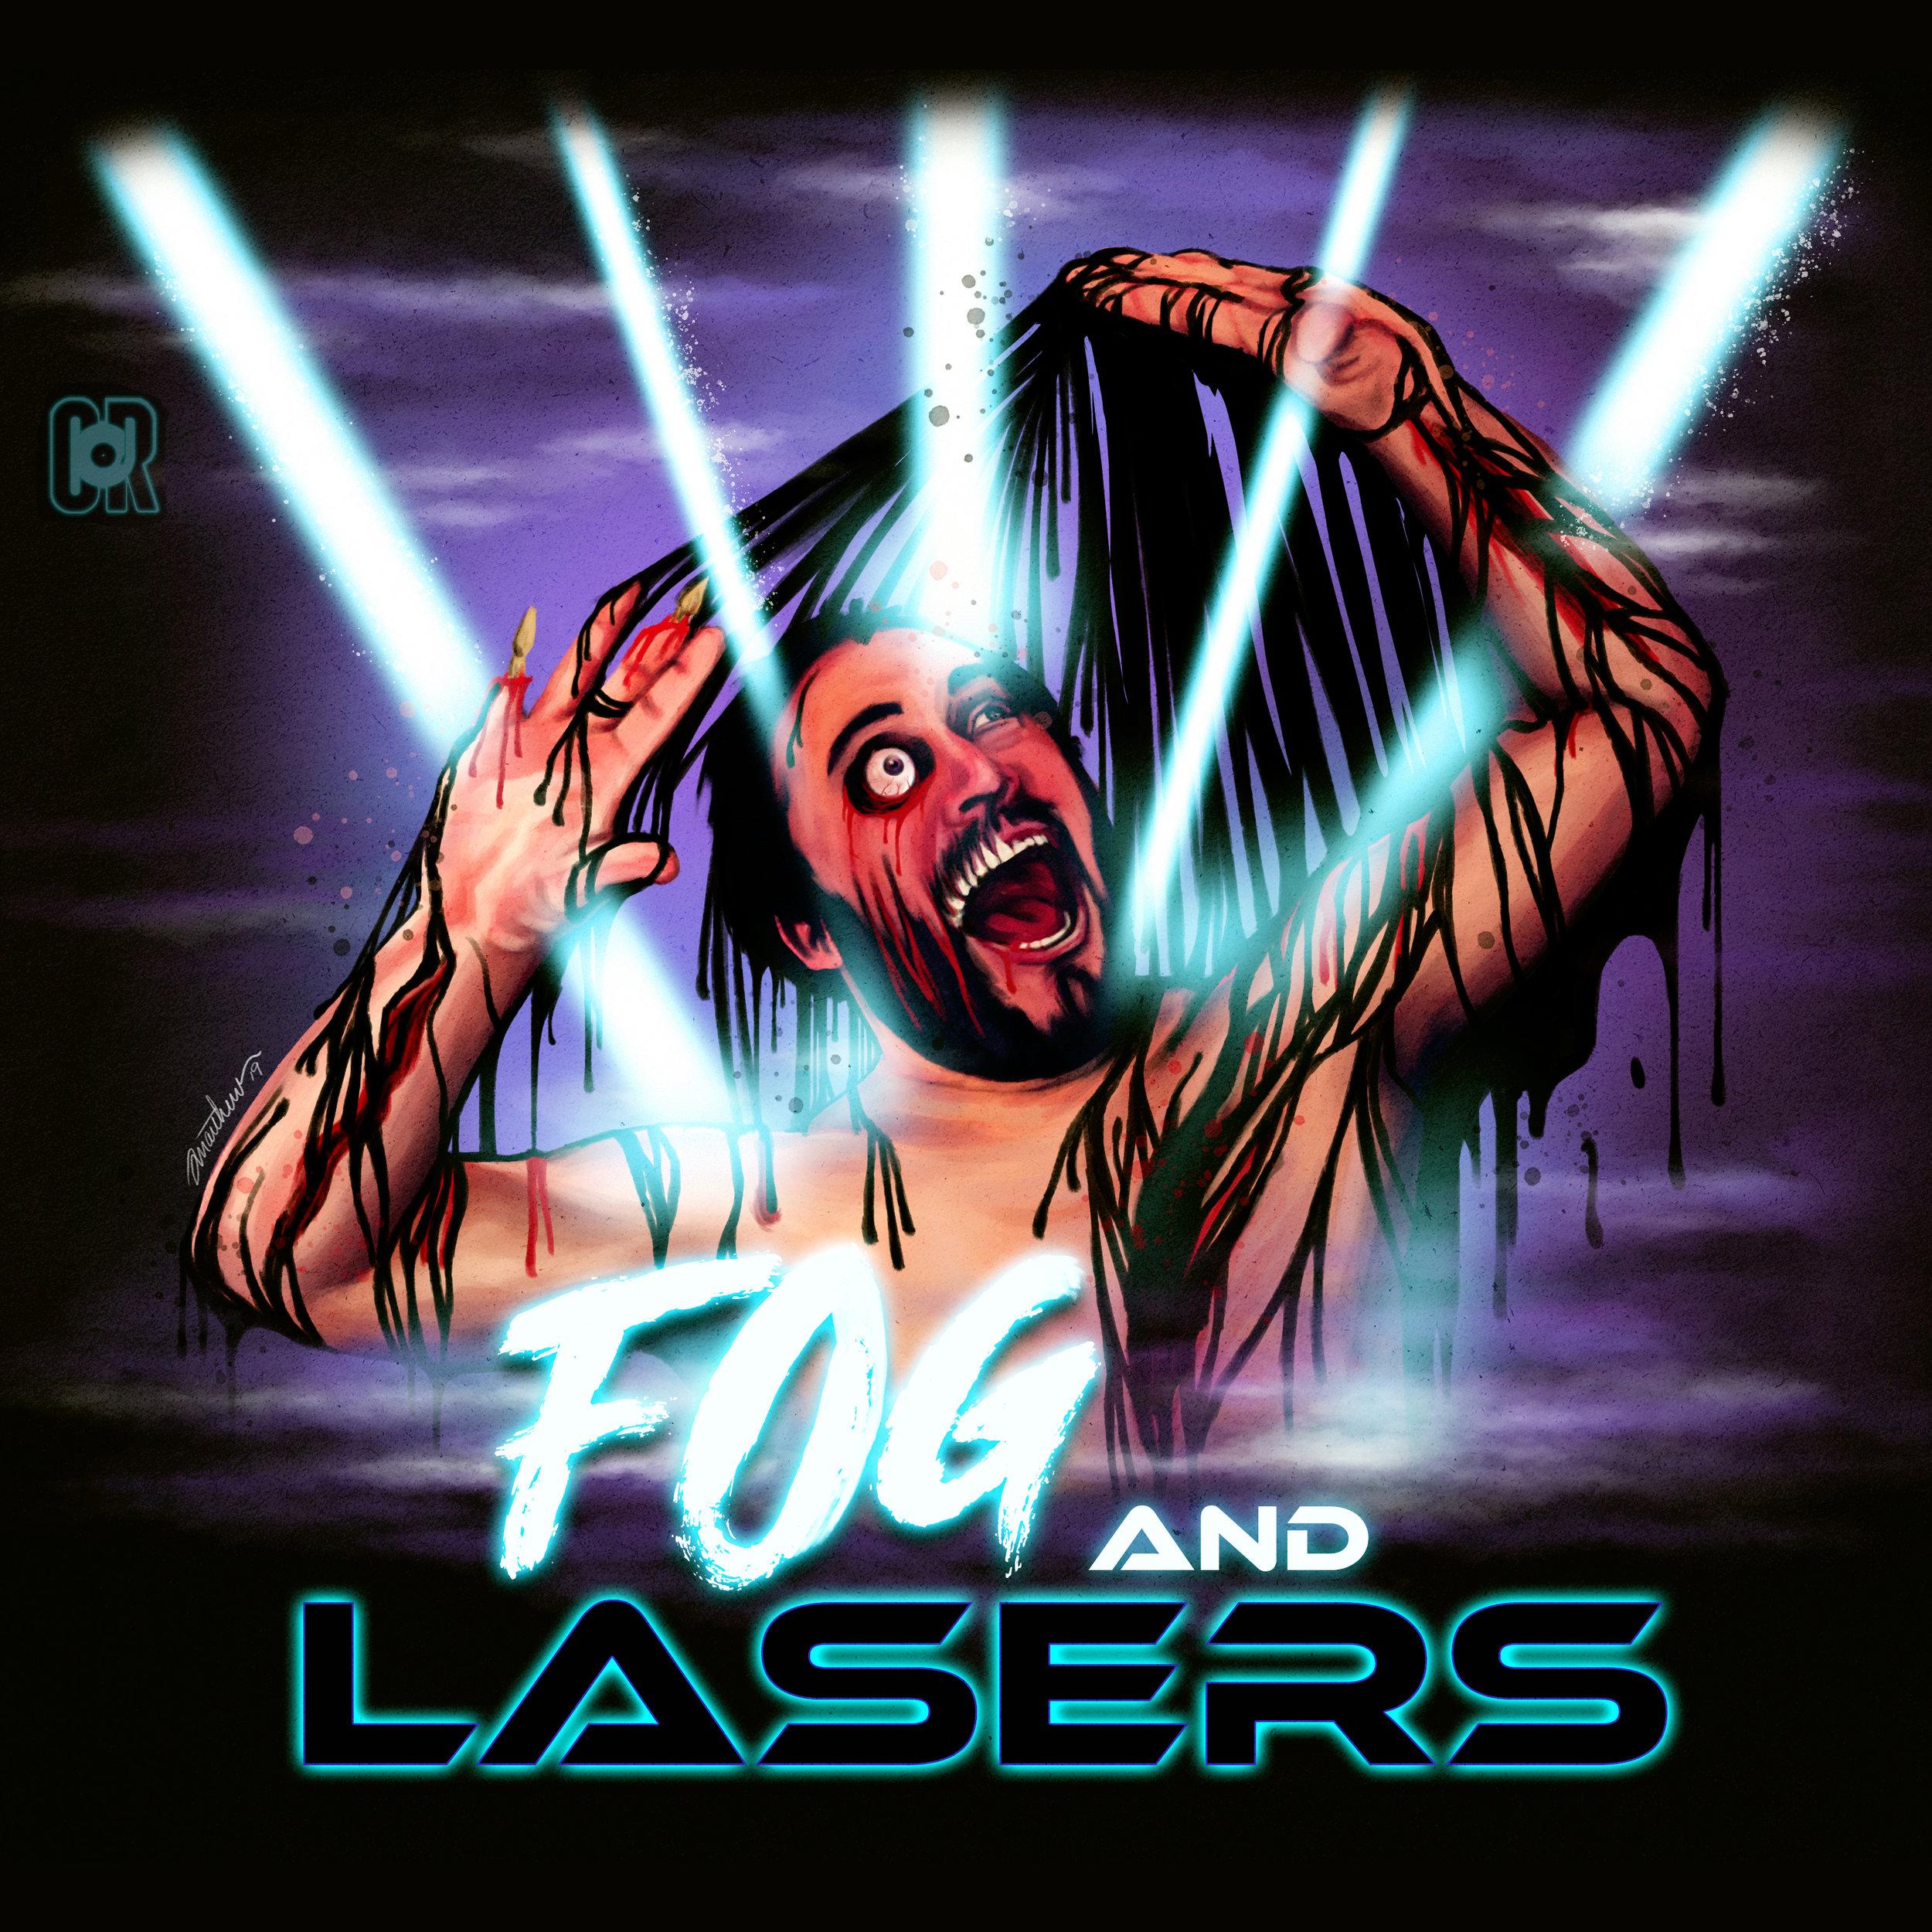 FogAndLasers_Cover.jpg